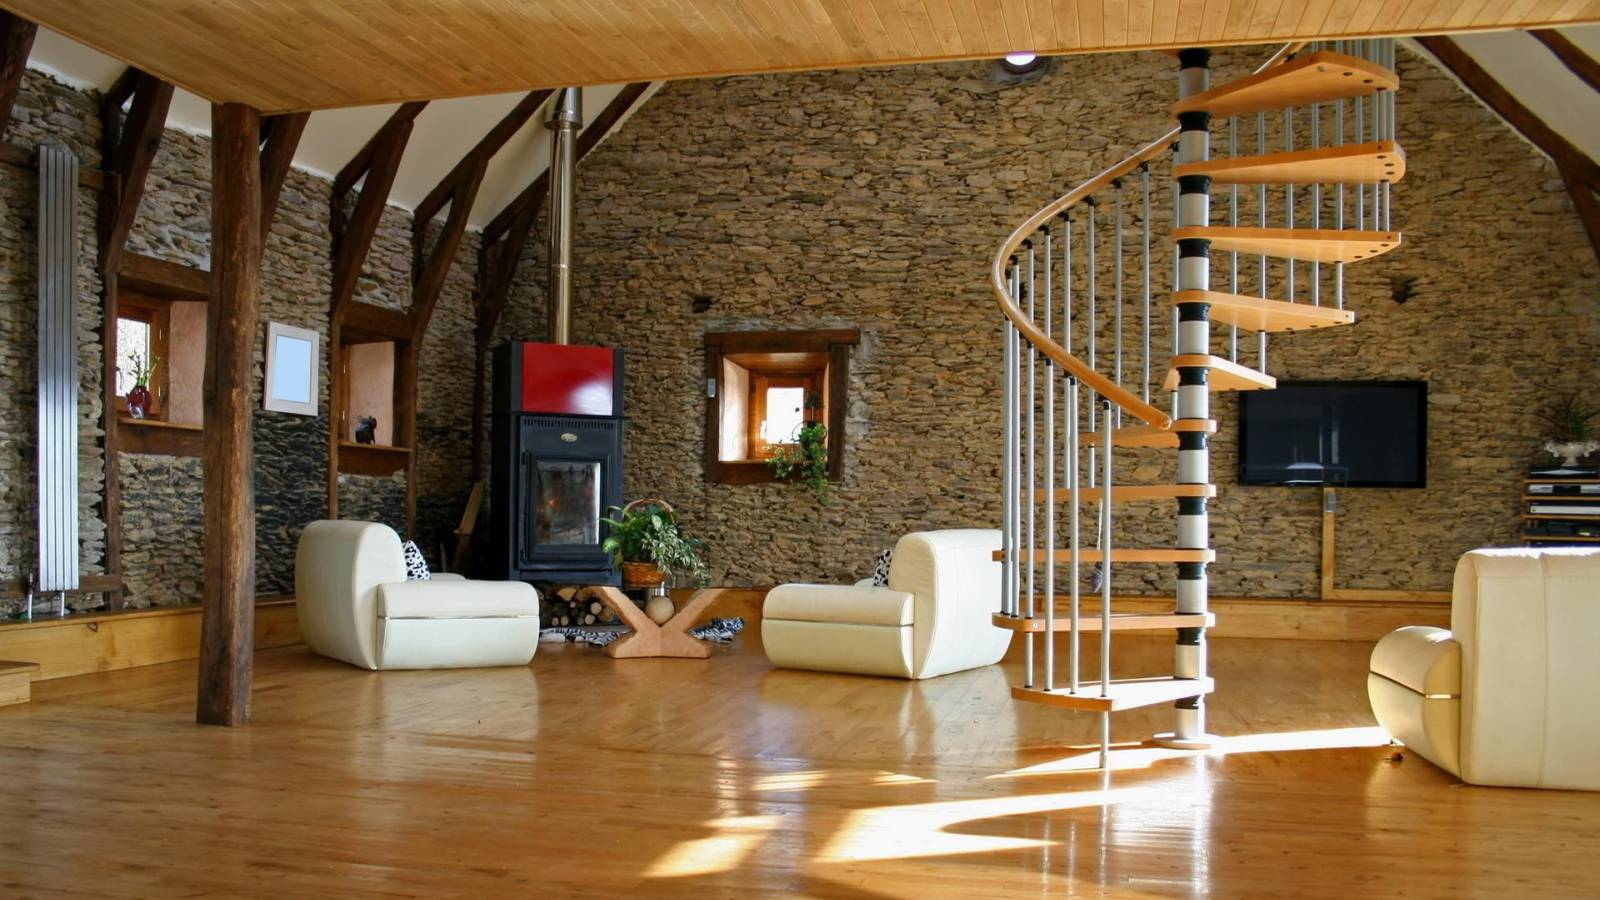 Интерьер пола в деревянном доме фото